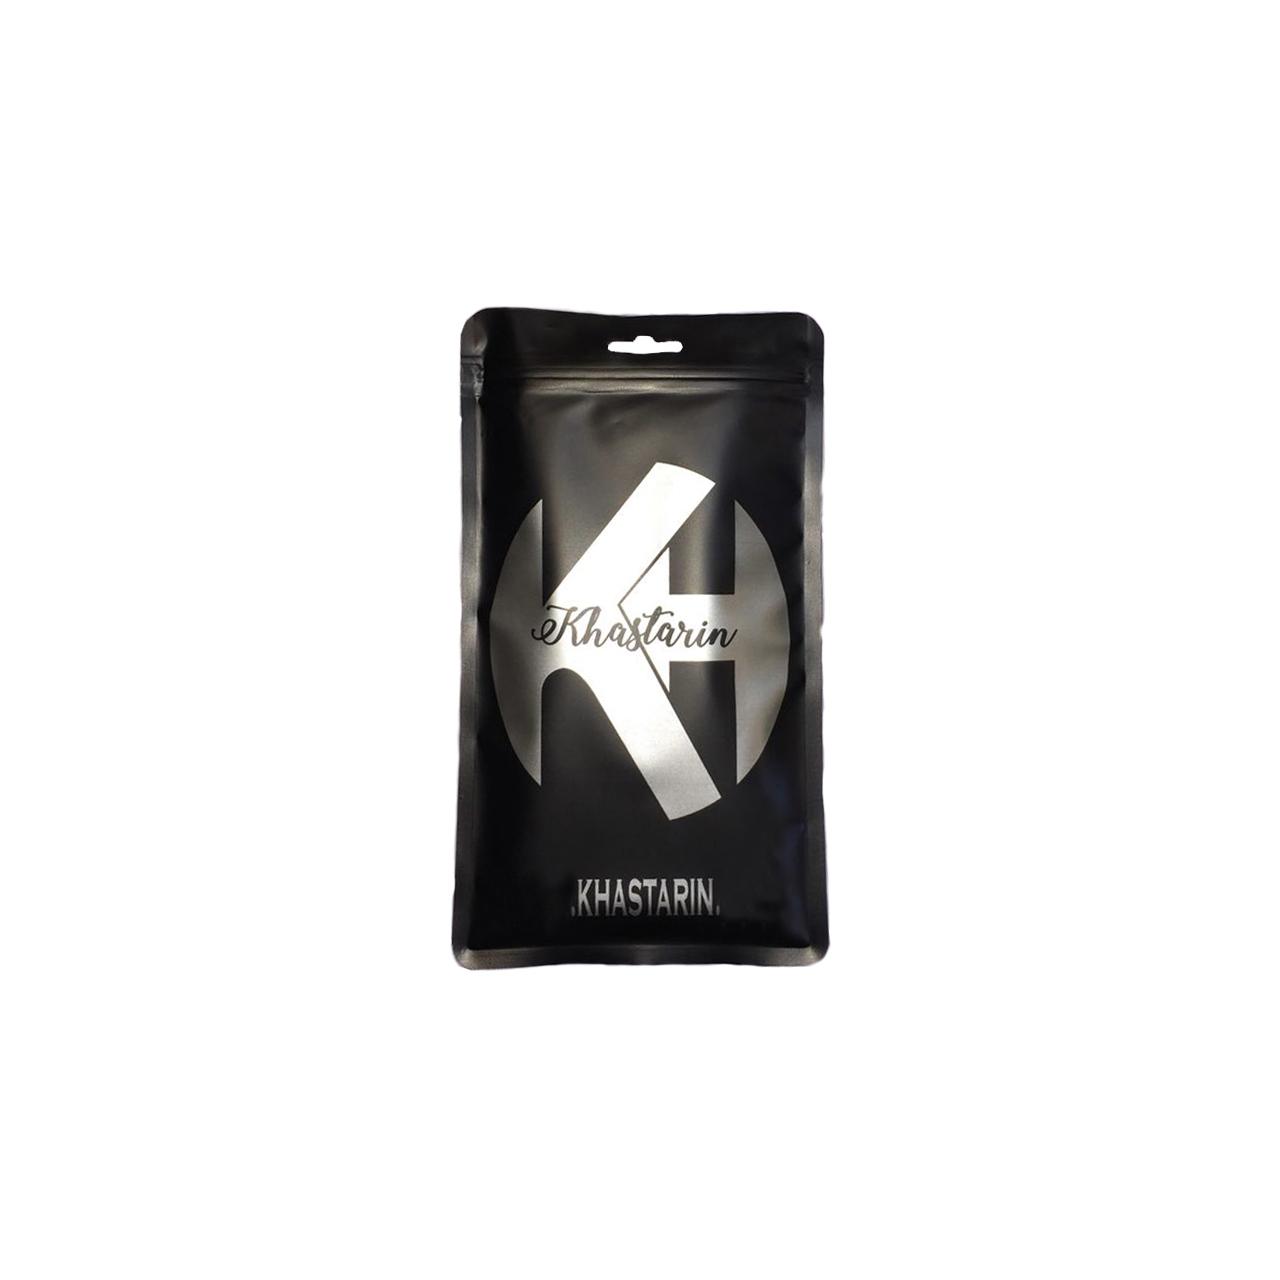 کاور کی اچ کد C19 مناسب برای گوشی موبایل اپل  Iphone X / XS